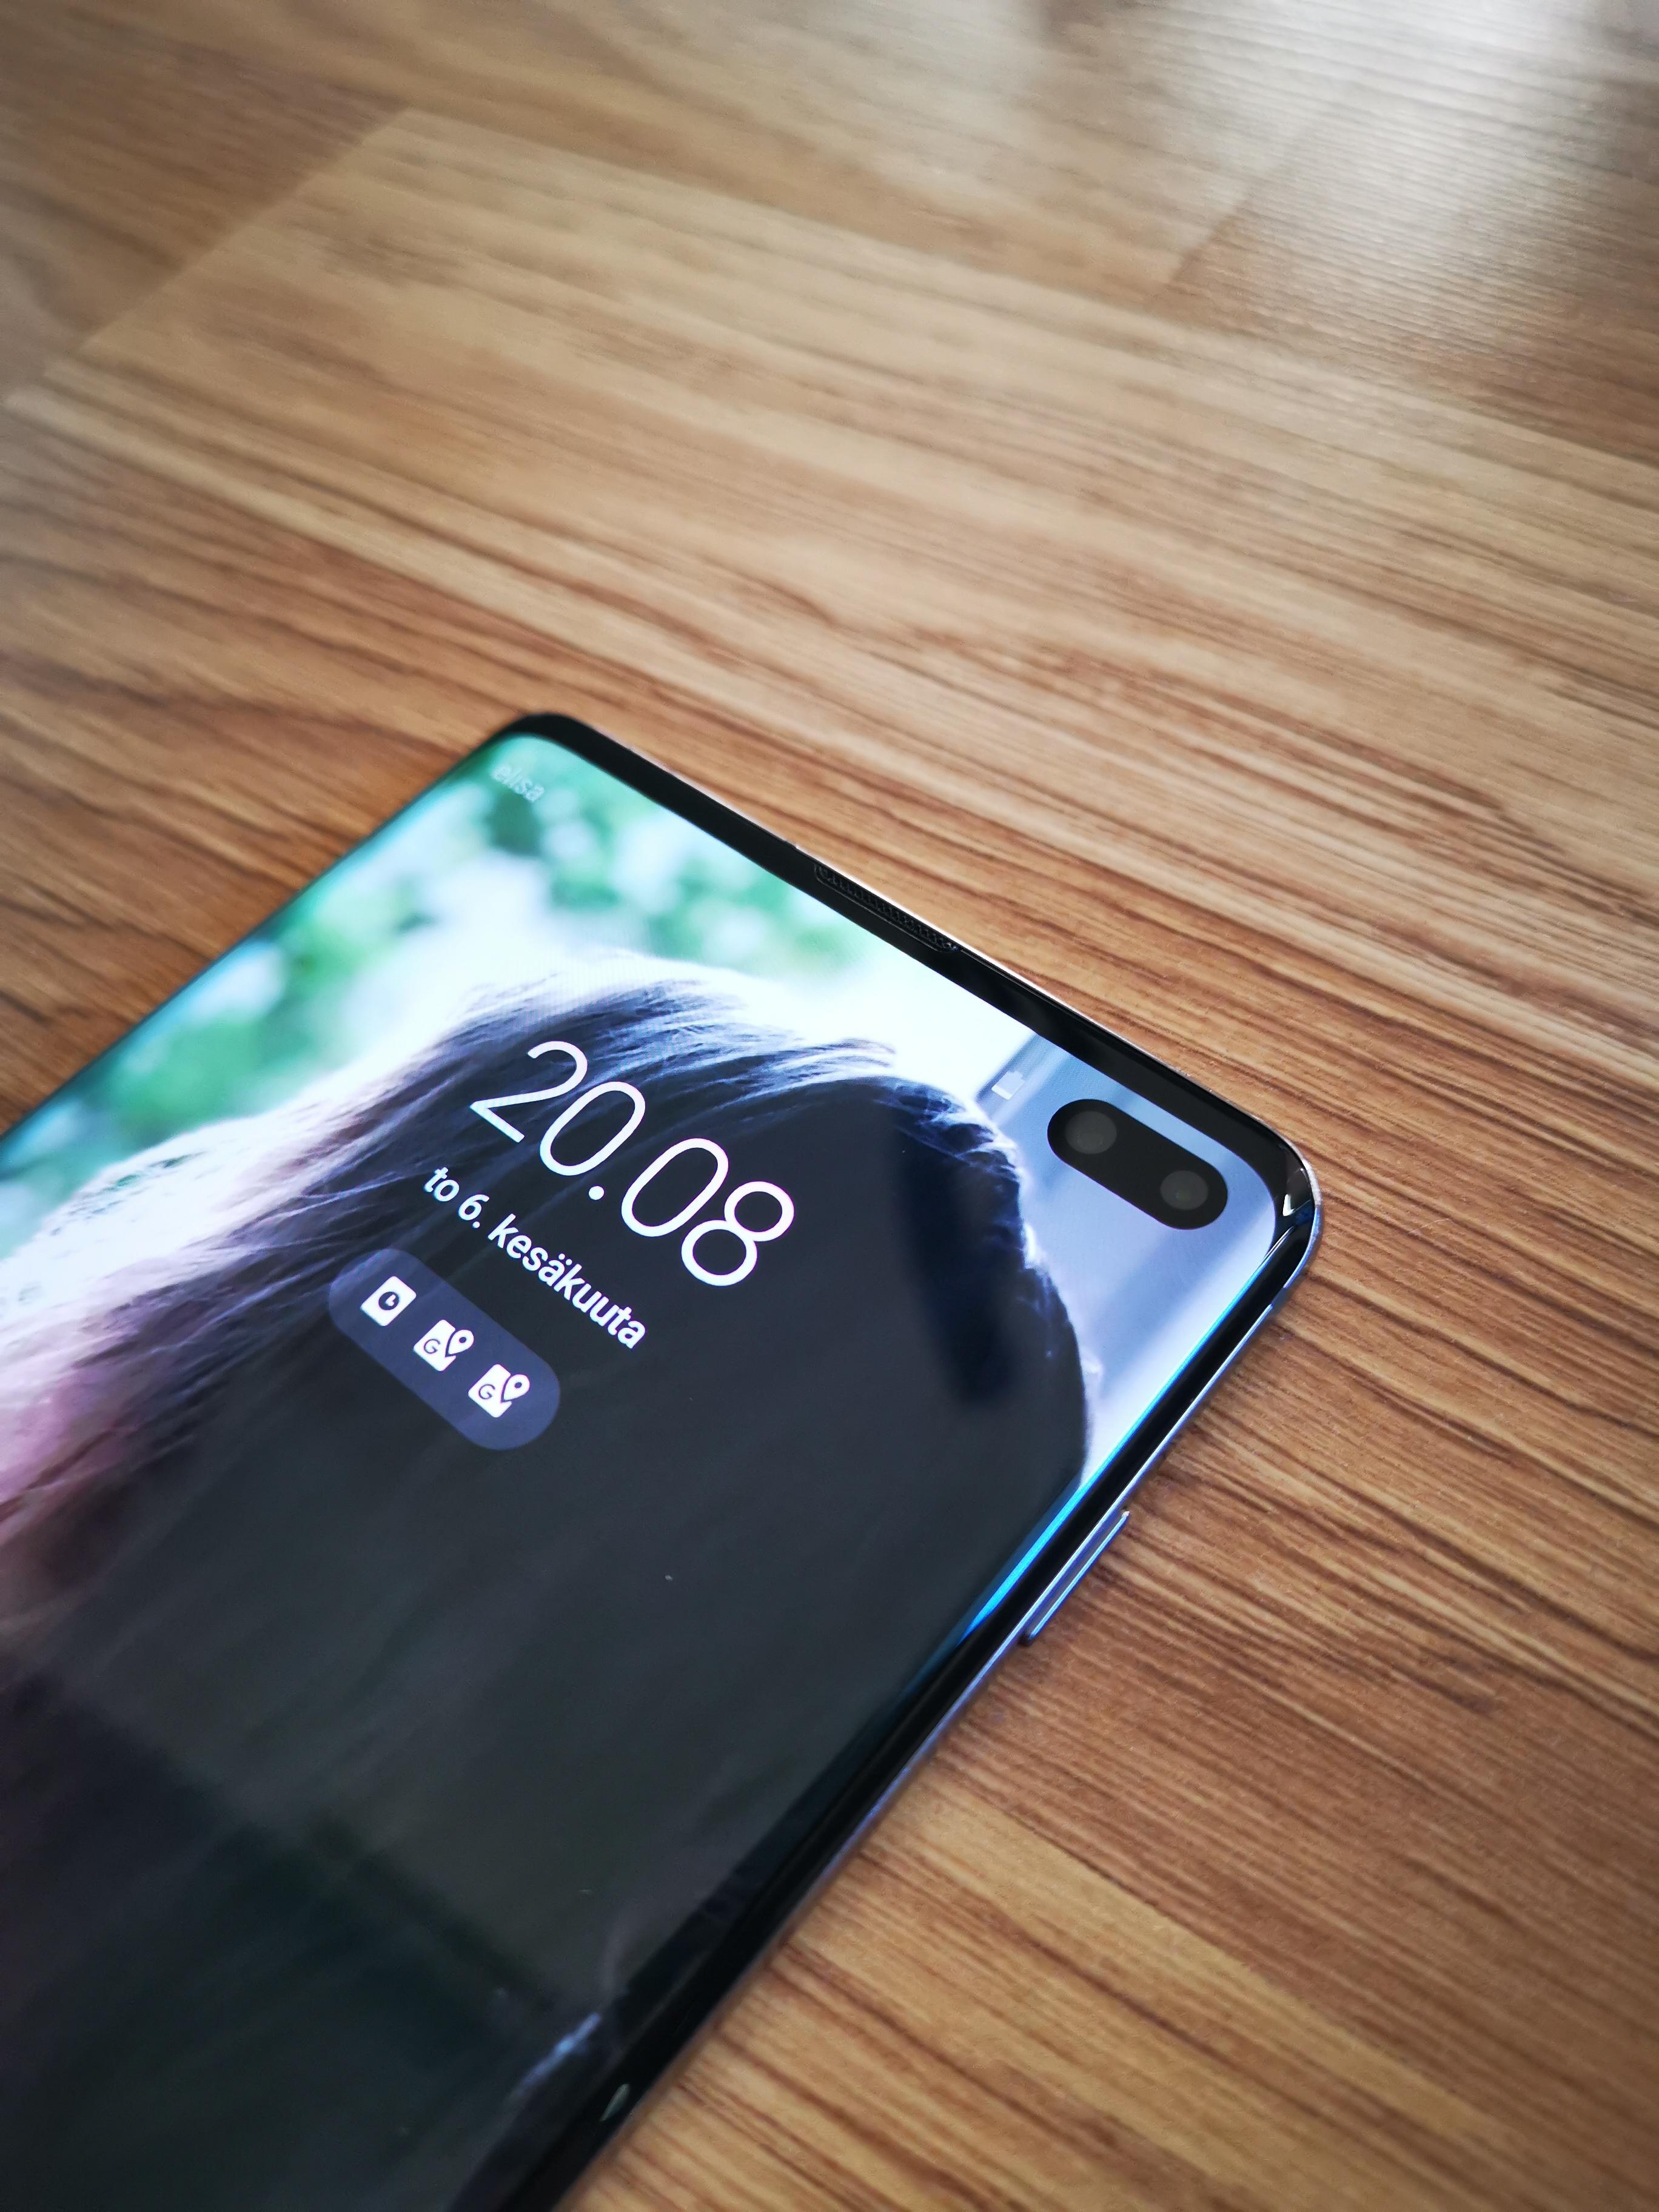 Samsung Galaxy S10 Plus reikä etukameroille